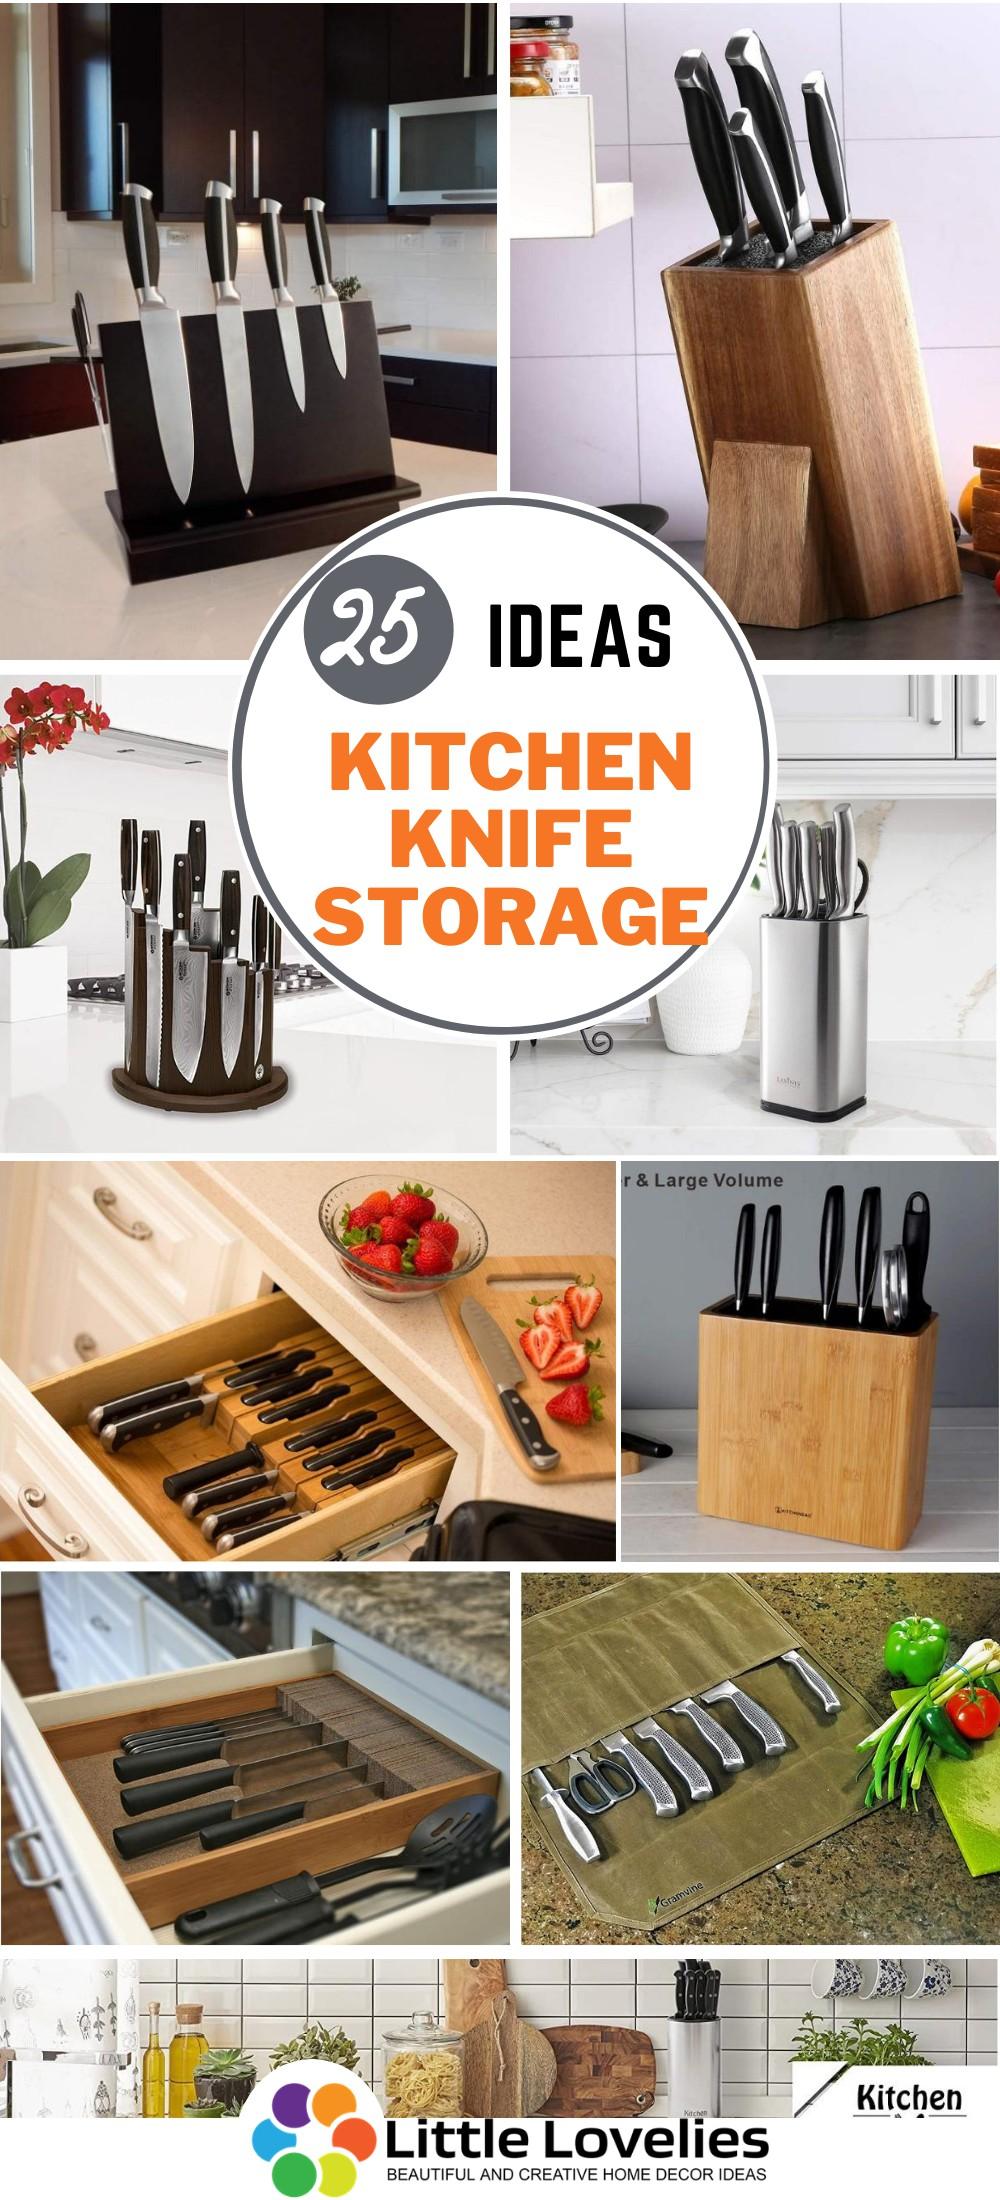 Best Kitchen Knife Storage Ideas